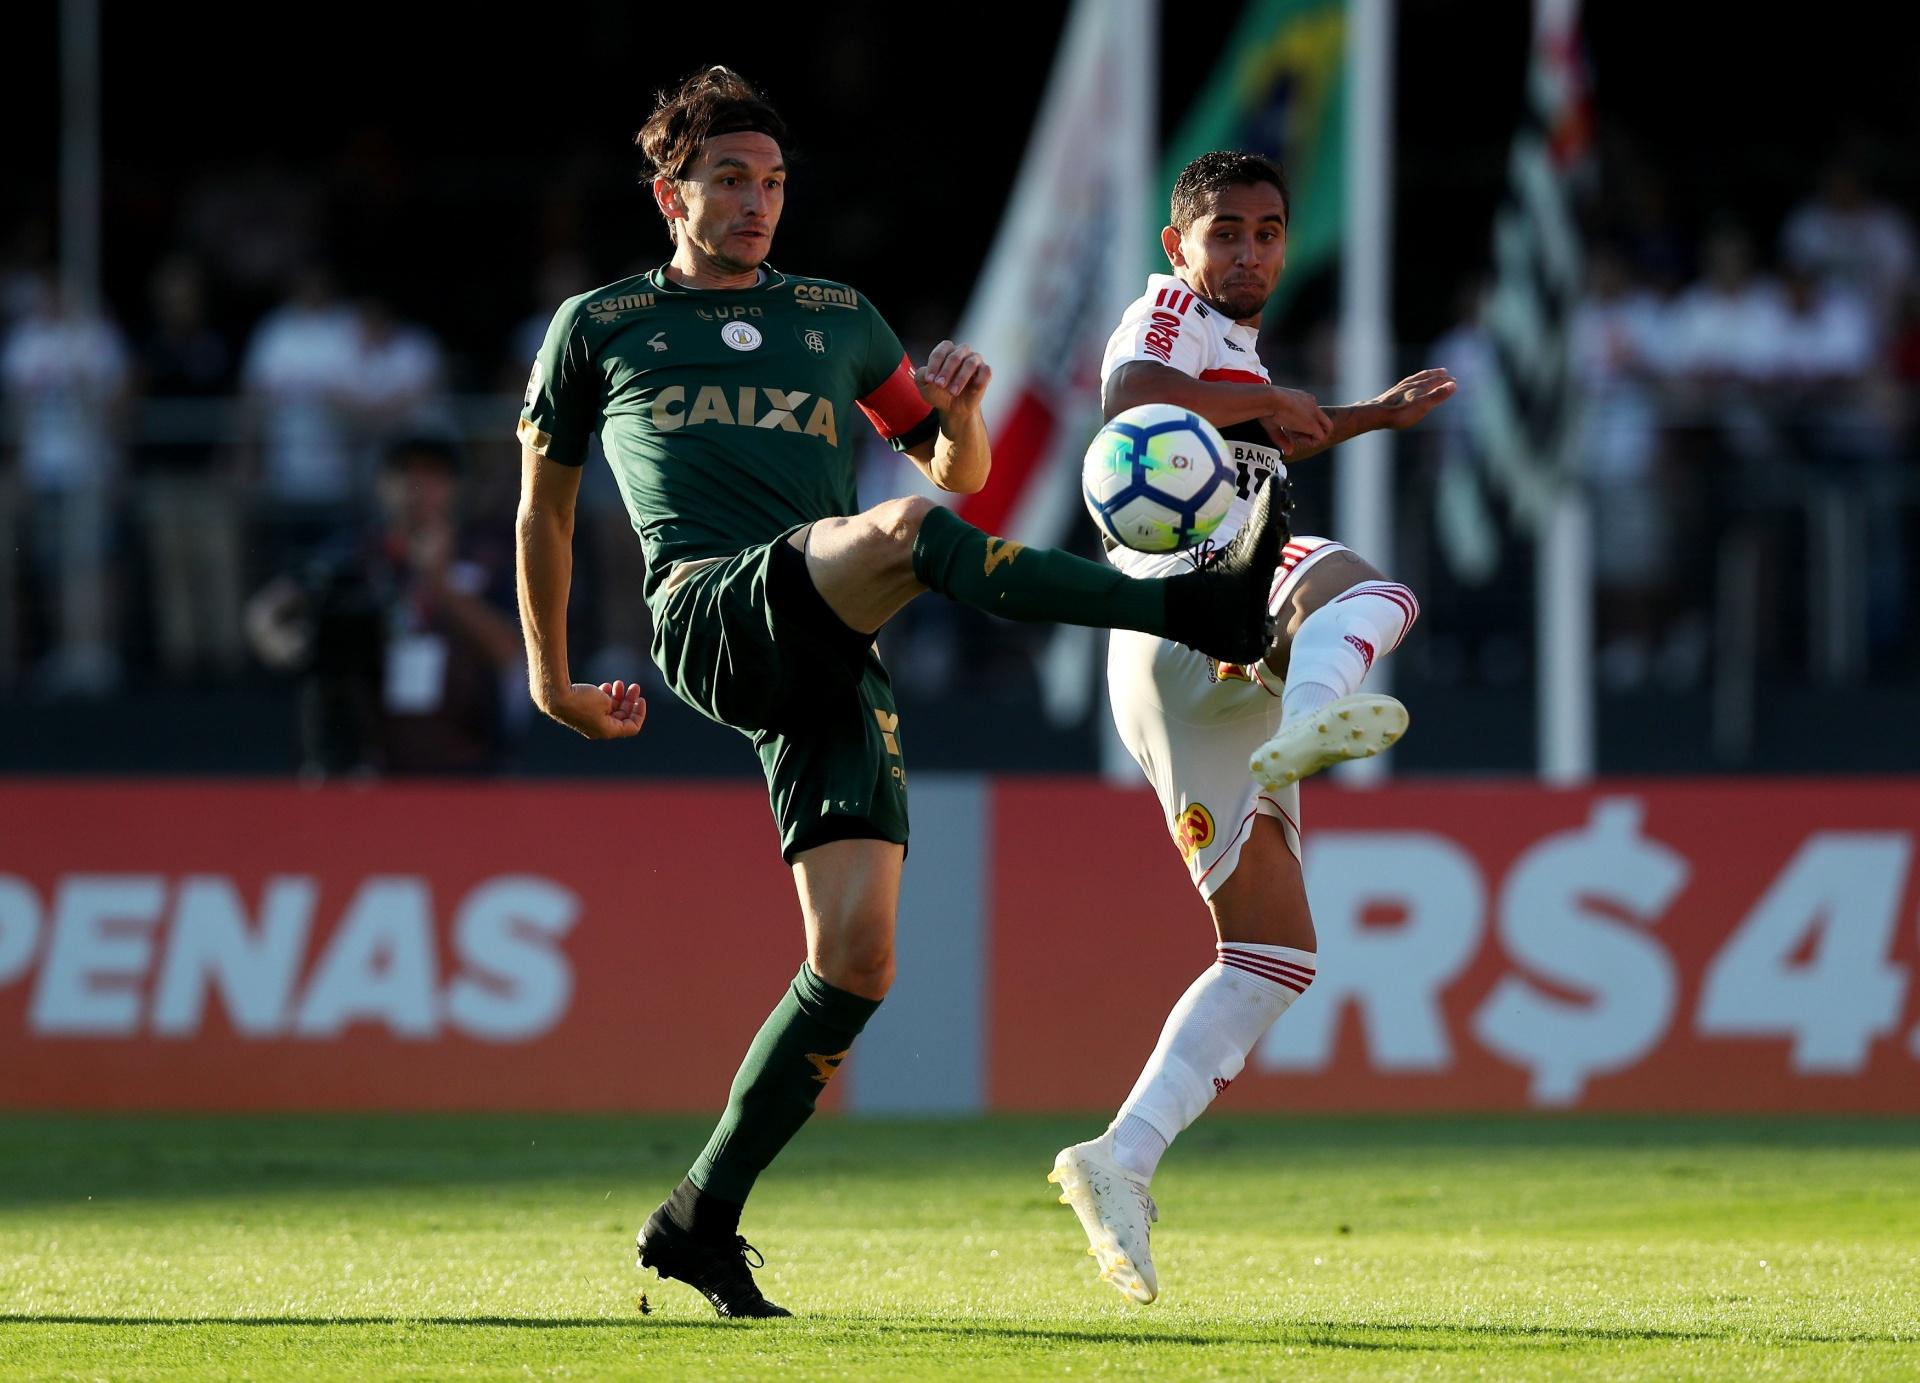 Fluminense fecha contratação de zagueiro Matheus Ferraz por um ano -  28 12 2018 - UOL Esporte c4d115defe8c1